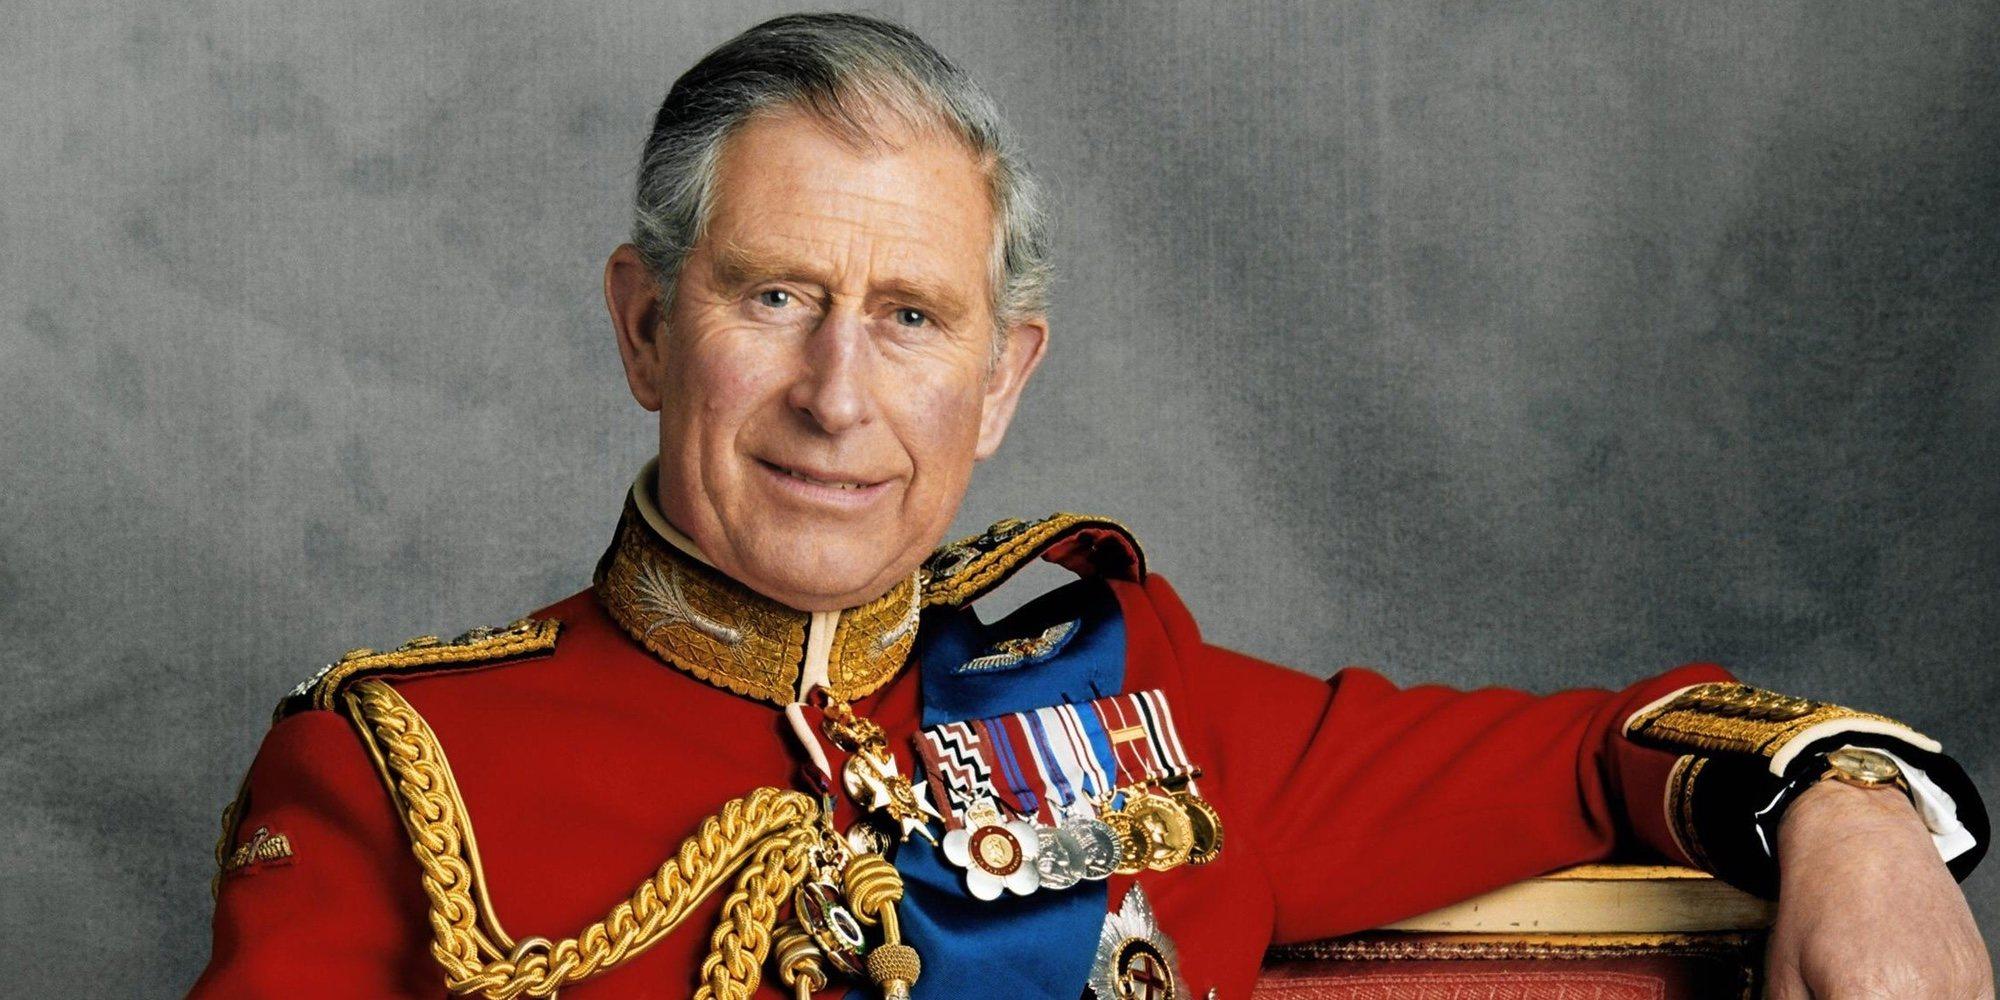 El Príncipe Carlos, pillado también sin cinturón de seguridad tras el escándalo de la Reina Isabel y el Duque de Edimburgo